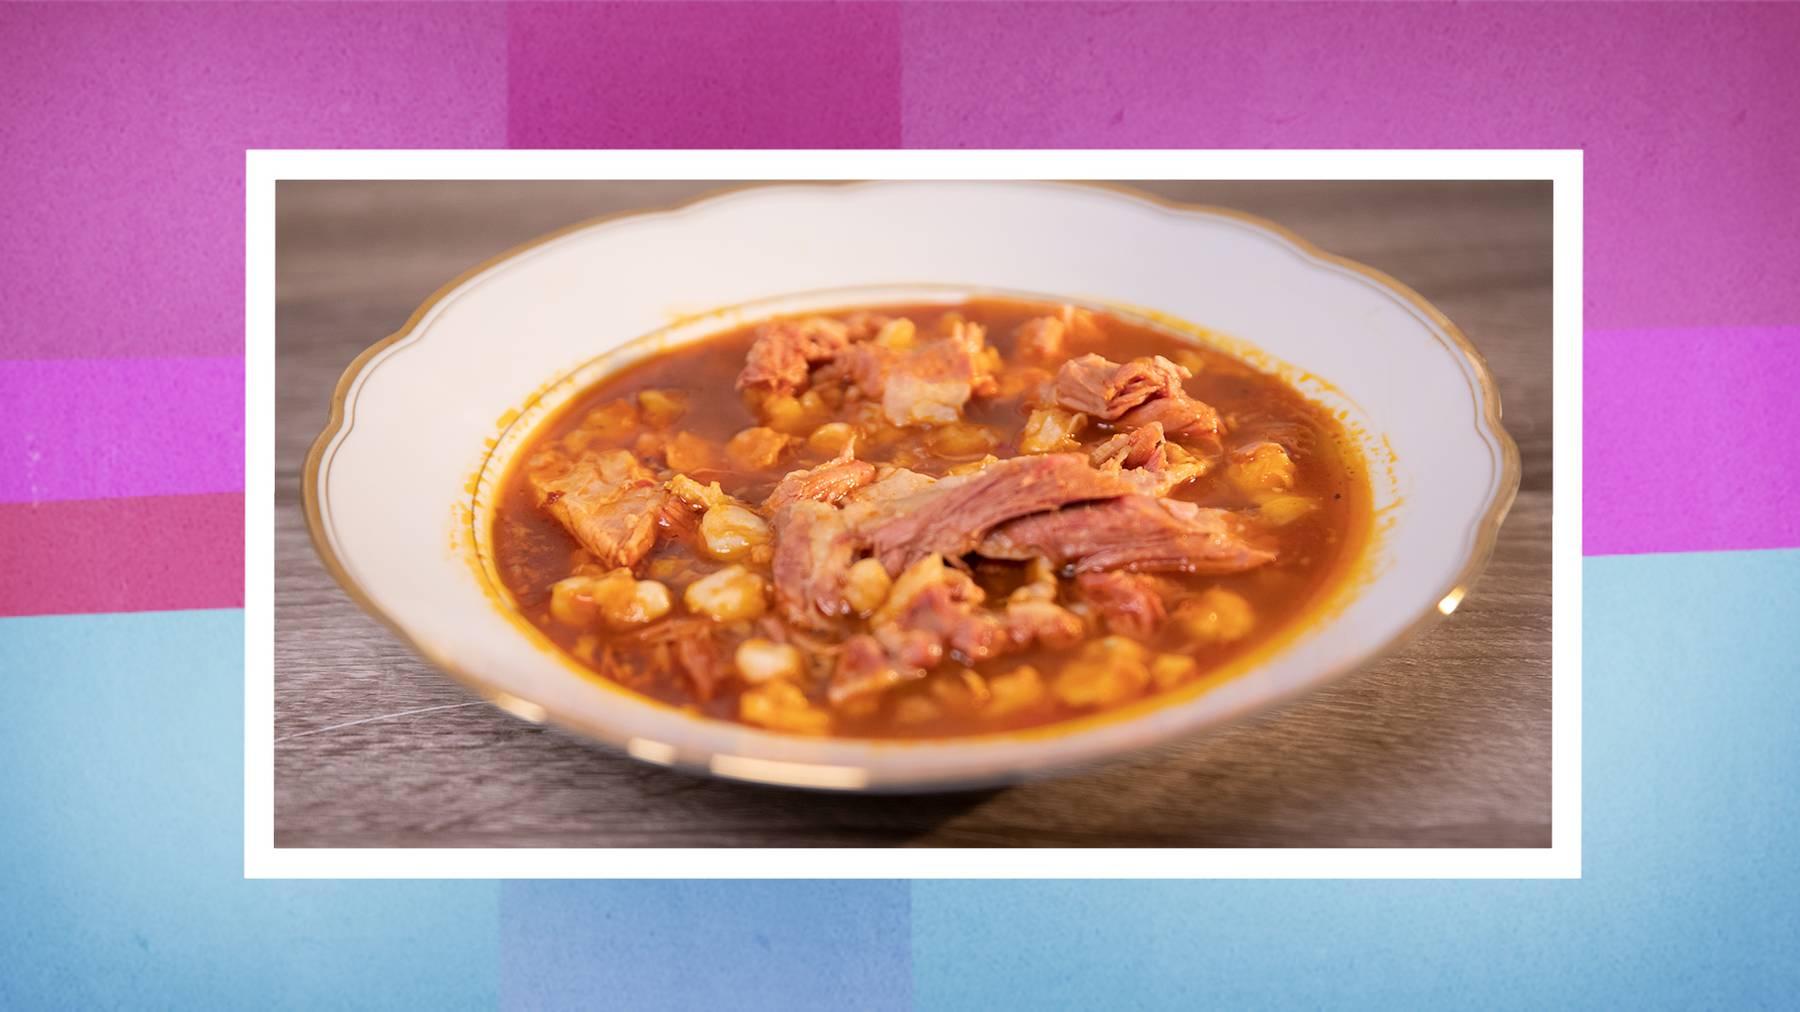 Mexikanischer Pozole mit Zwiebeln, Salat, Radieschen und Avocado; rassig, scharfe Sauce